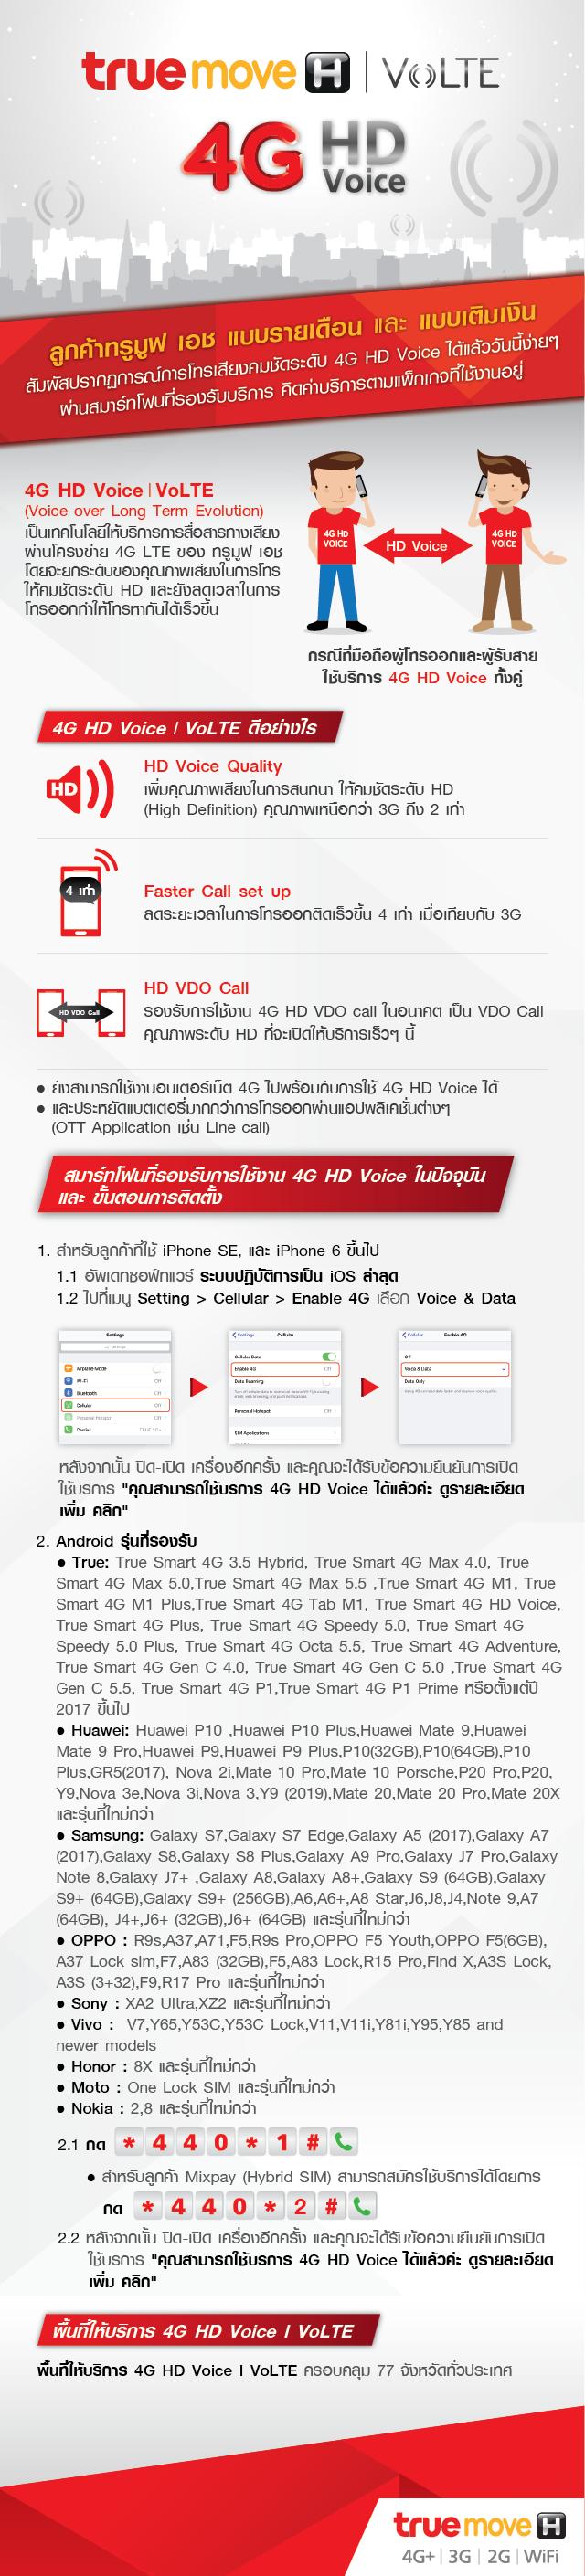 ทรูมูฟ เอช พร้อมให้บริการ 4G HD Voice by TrueMove H ทรูมูฟ